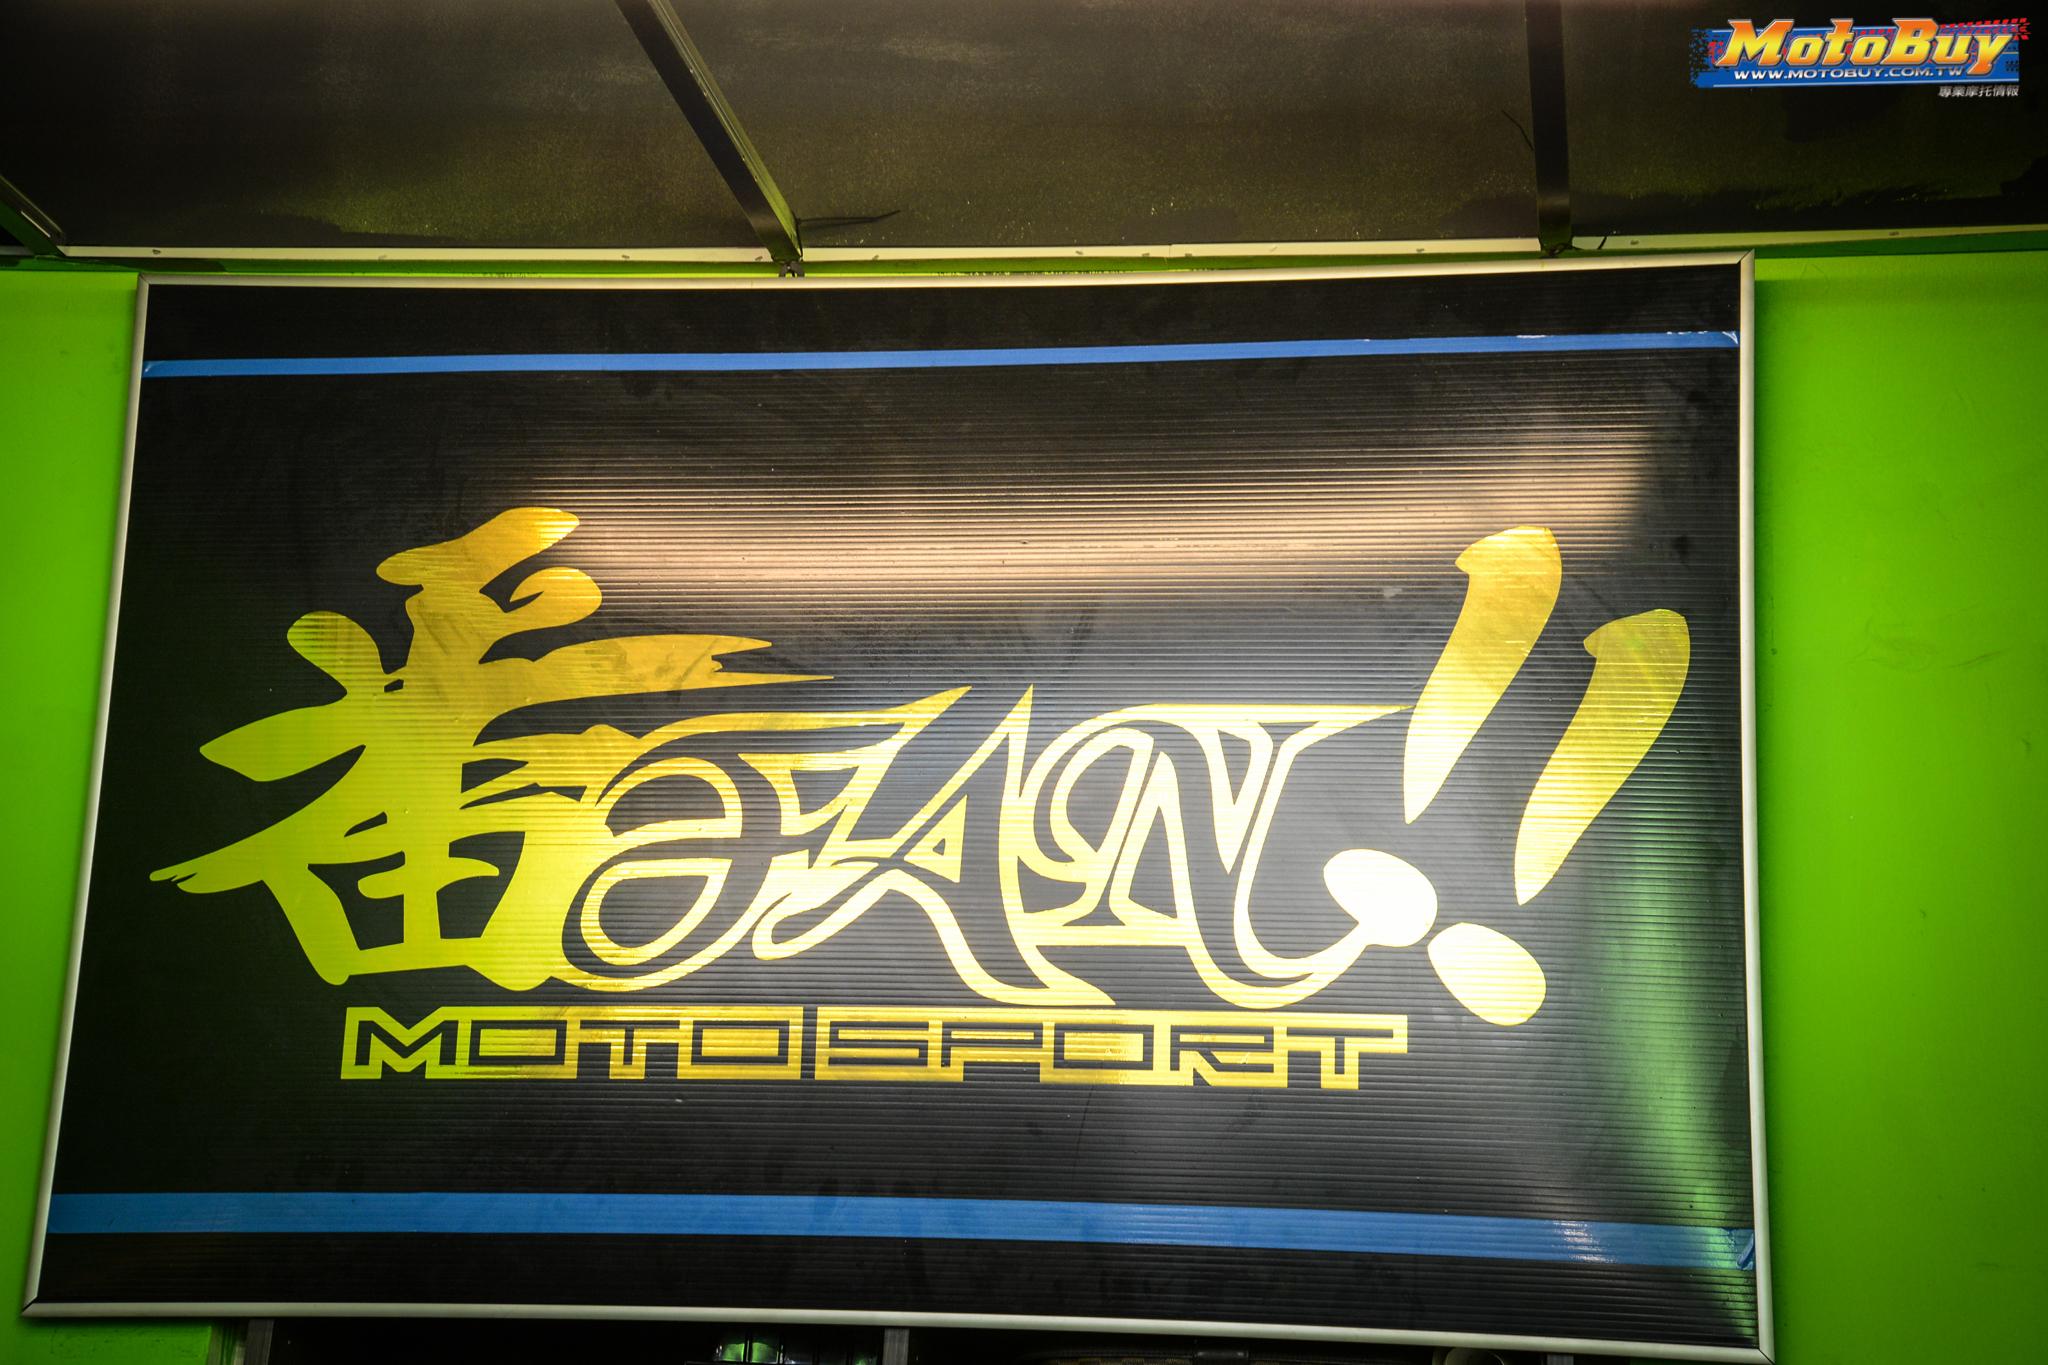 [店家介紹] 板橋一番 ~ 冠呈車業 | MotoBuy